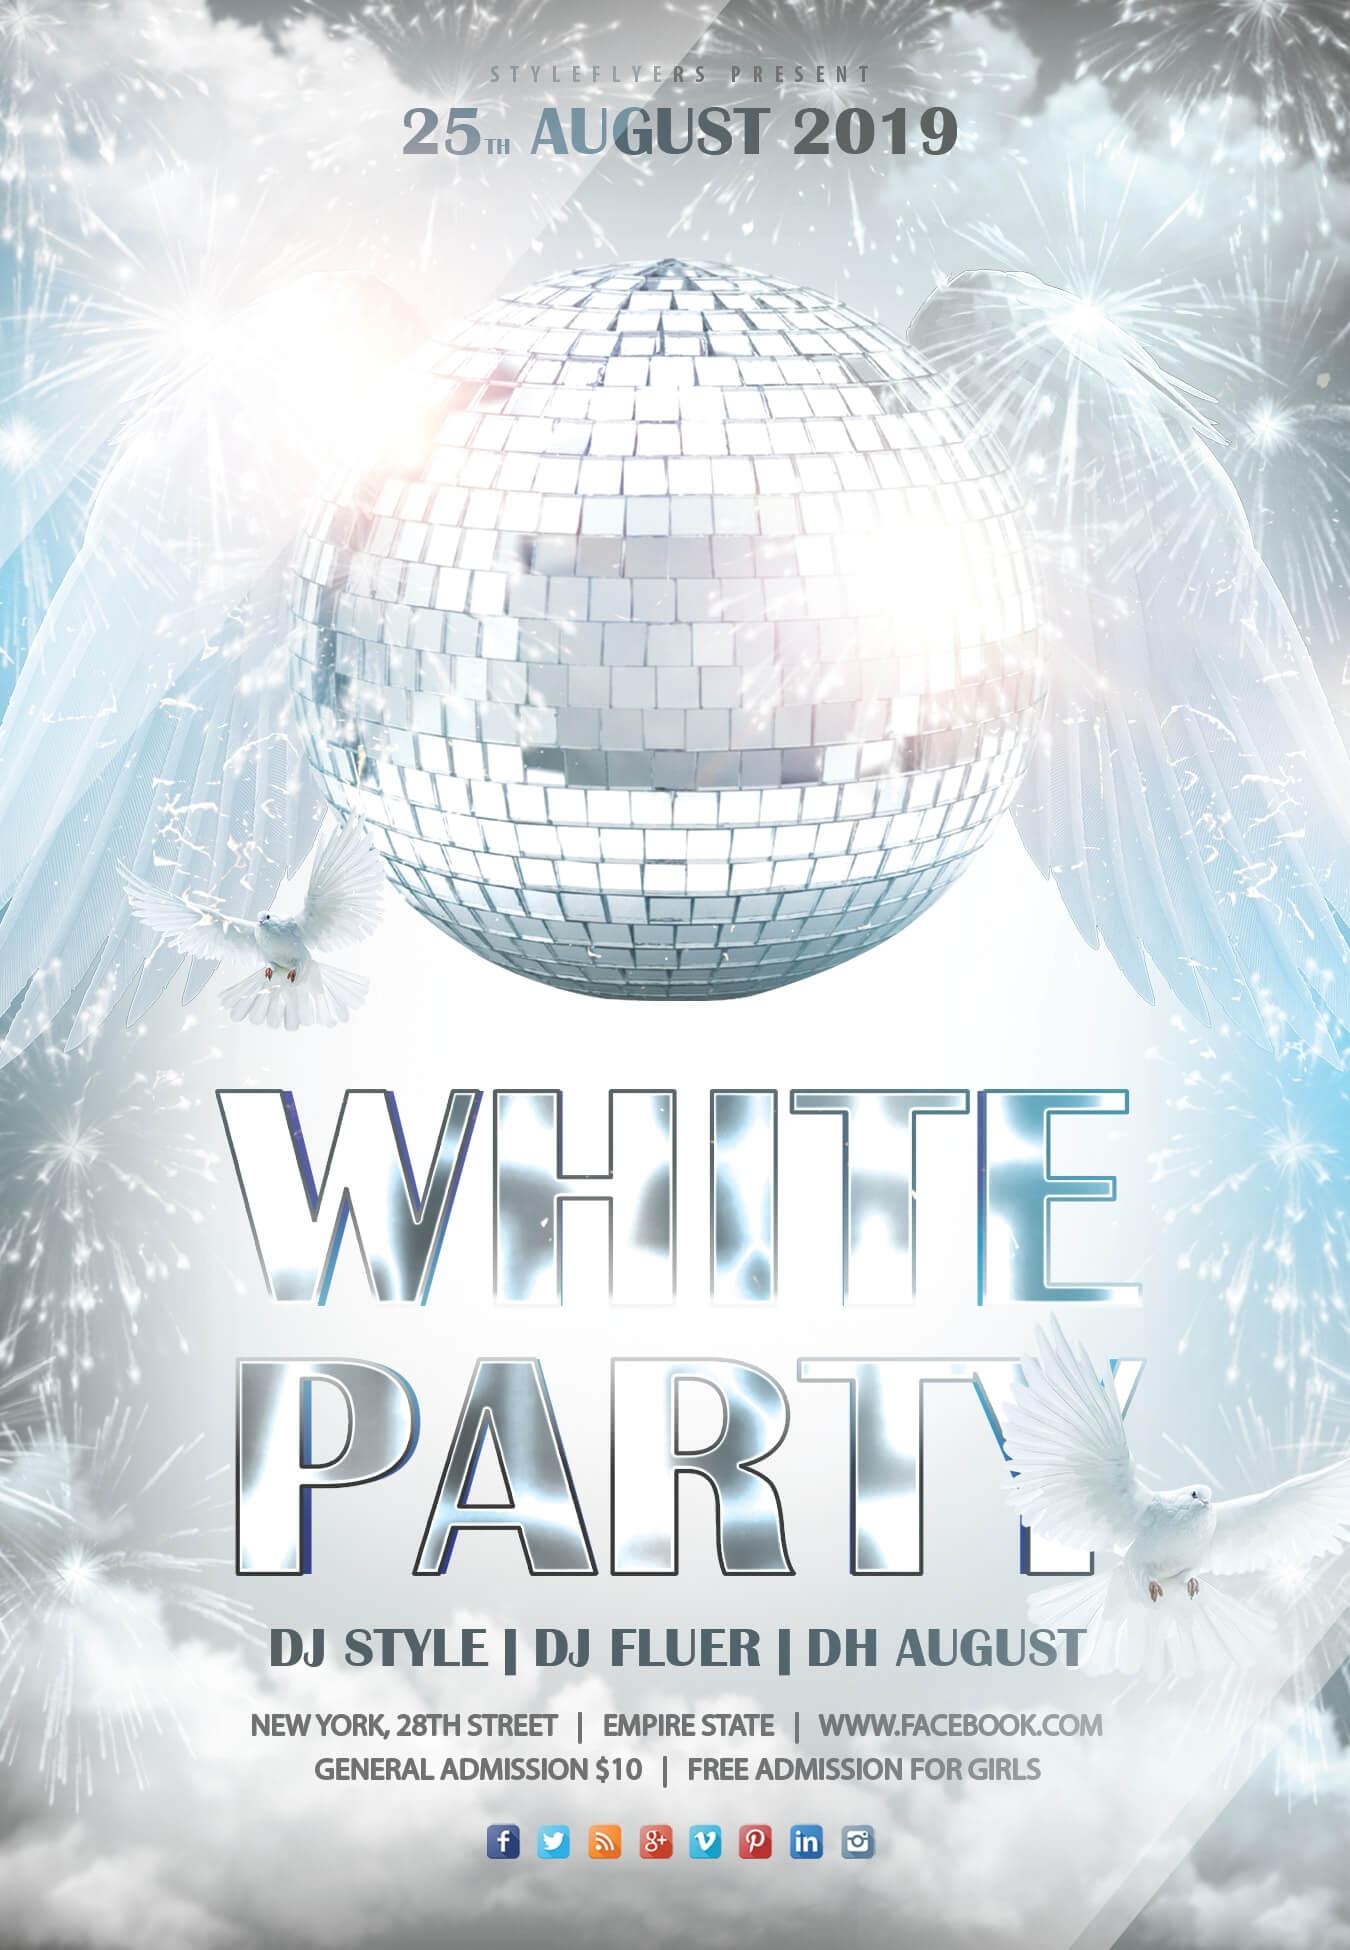 042 White Party Min Template Ideas Free Birthday Flyer With Regard To All White Party Flyer Template Free